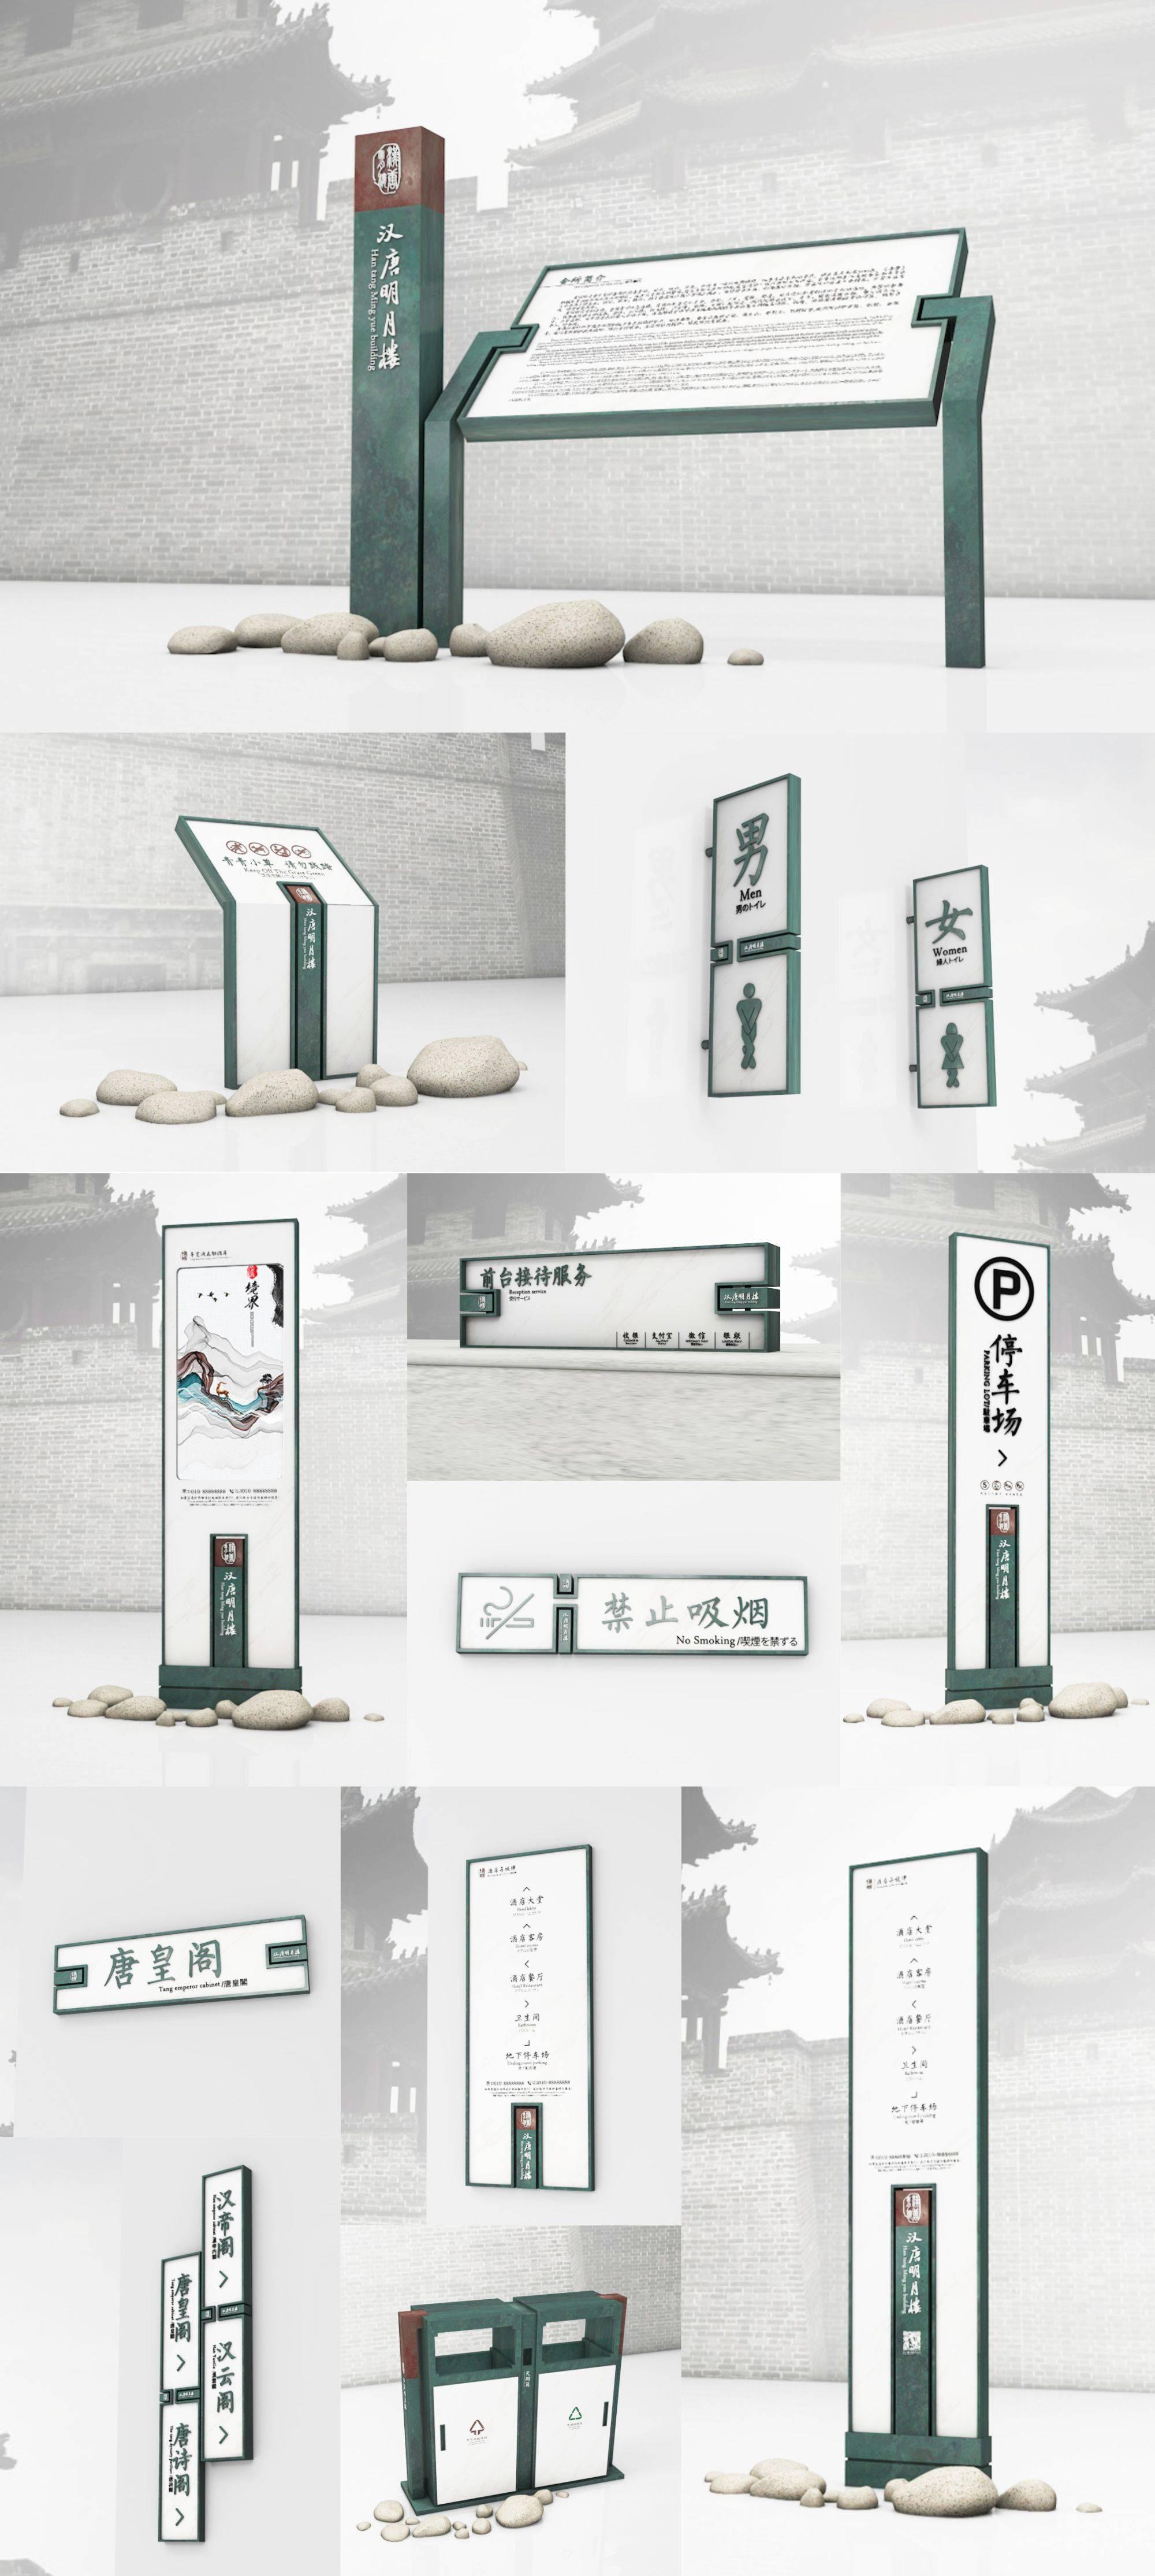 中式青铜古董风会所必备导示系统